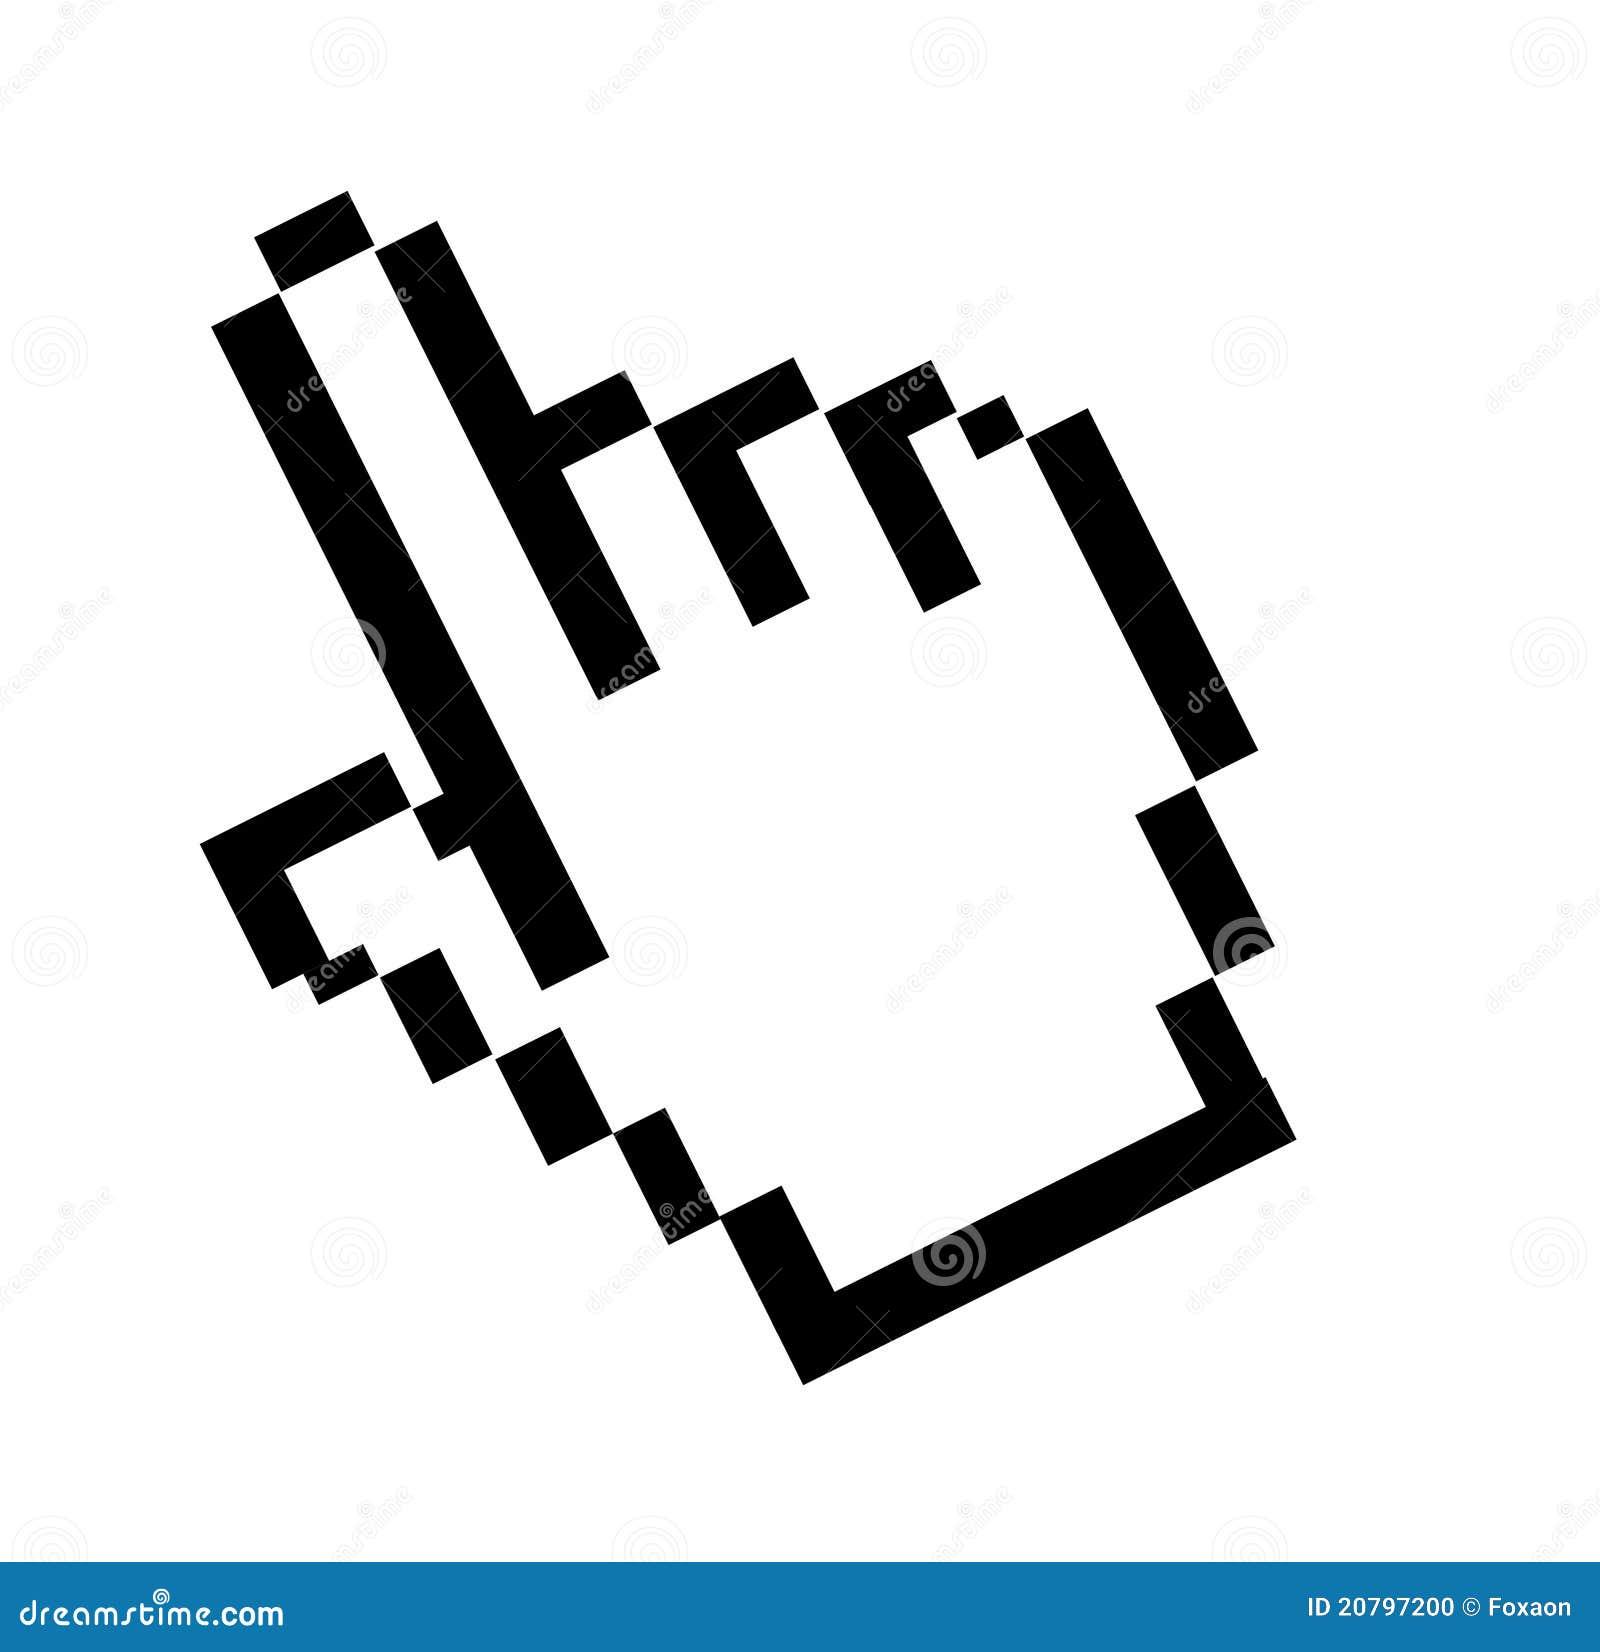 Fl che indicatrice de souris d 39 ordinateur illustration - Souris ordinateur dessin ...